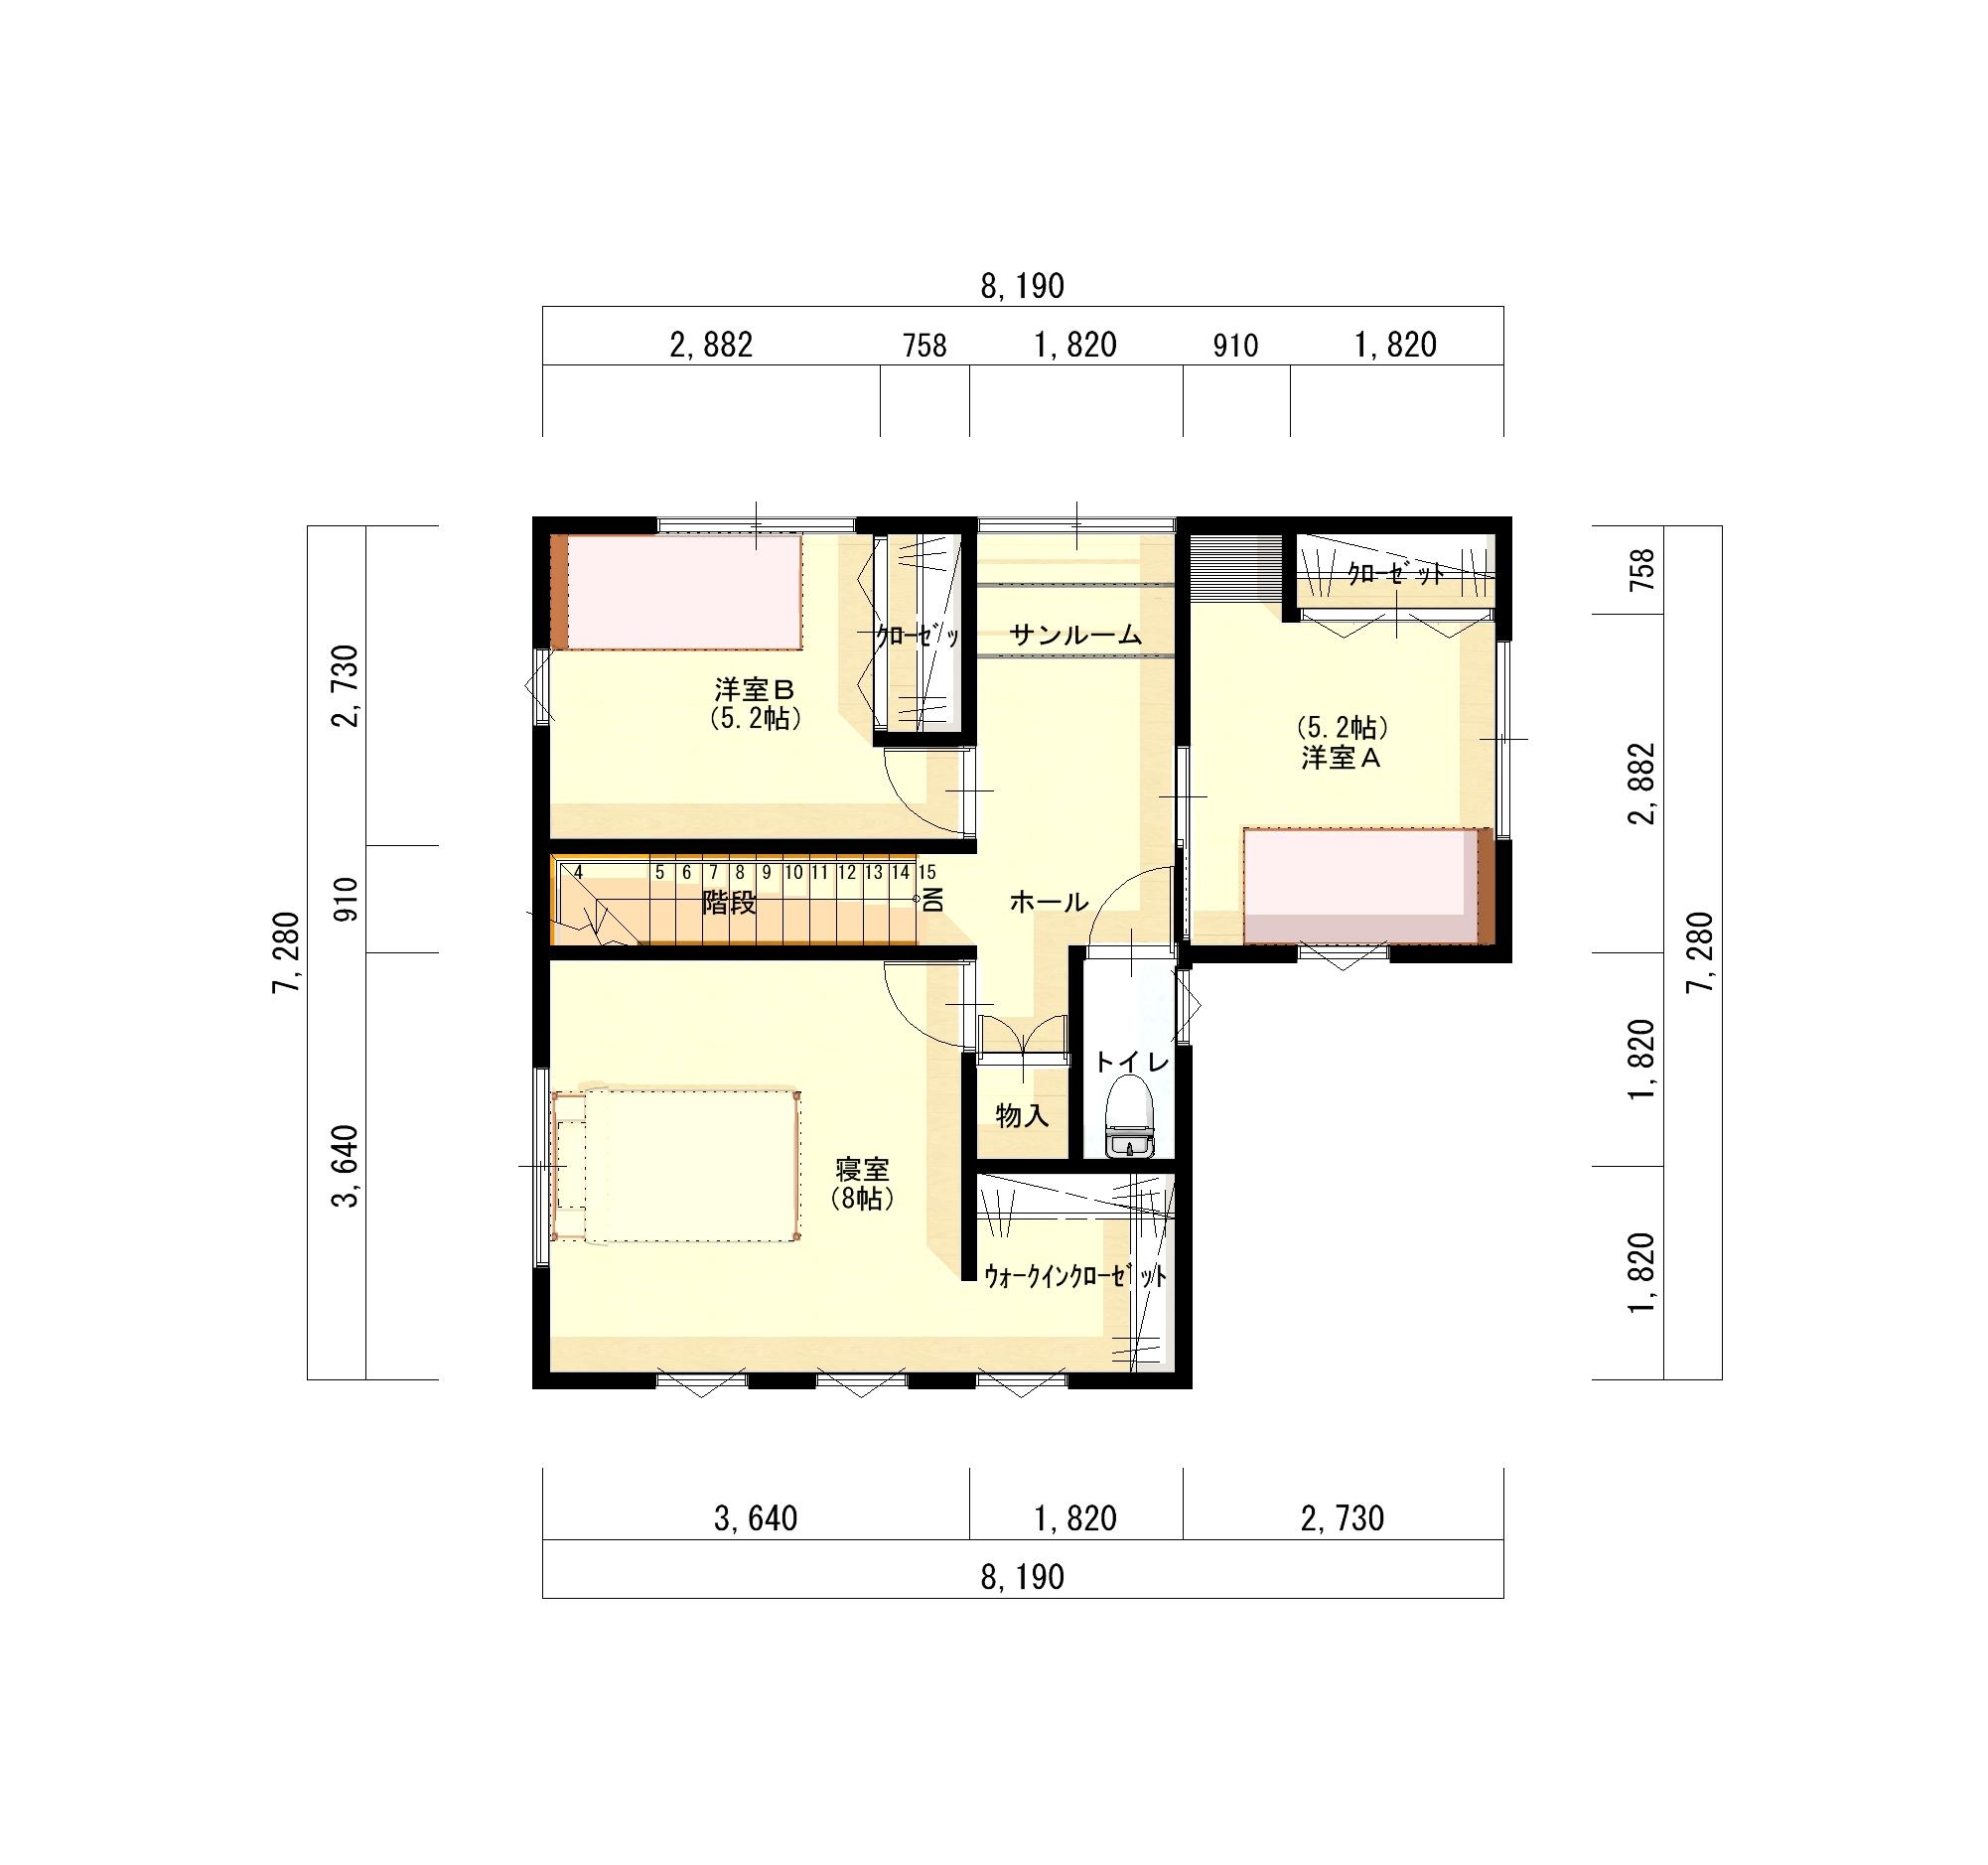 長岡市新保の建物プラン例の2階間取り図